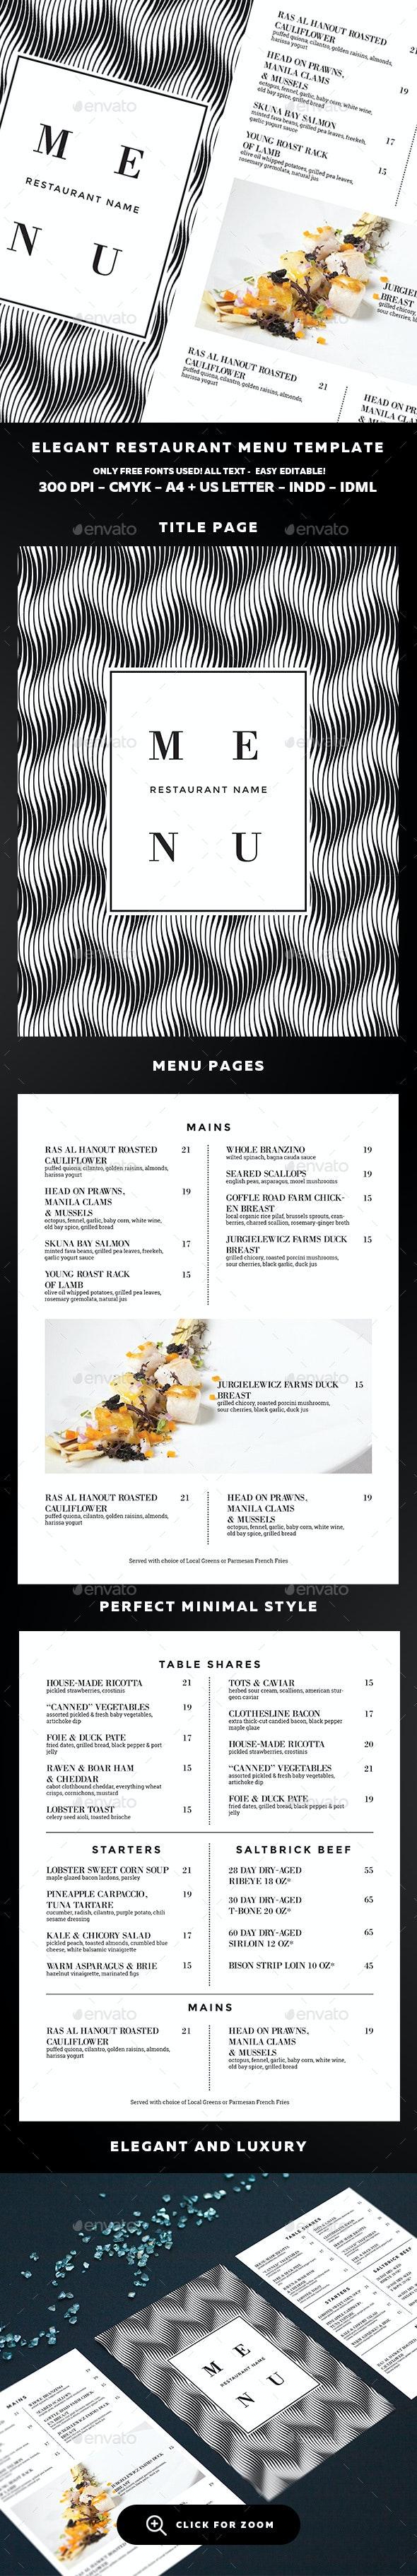 Menu Template - Food Menus Print Templates